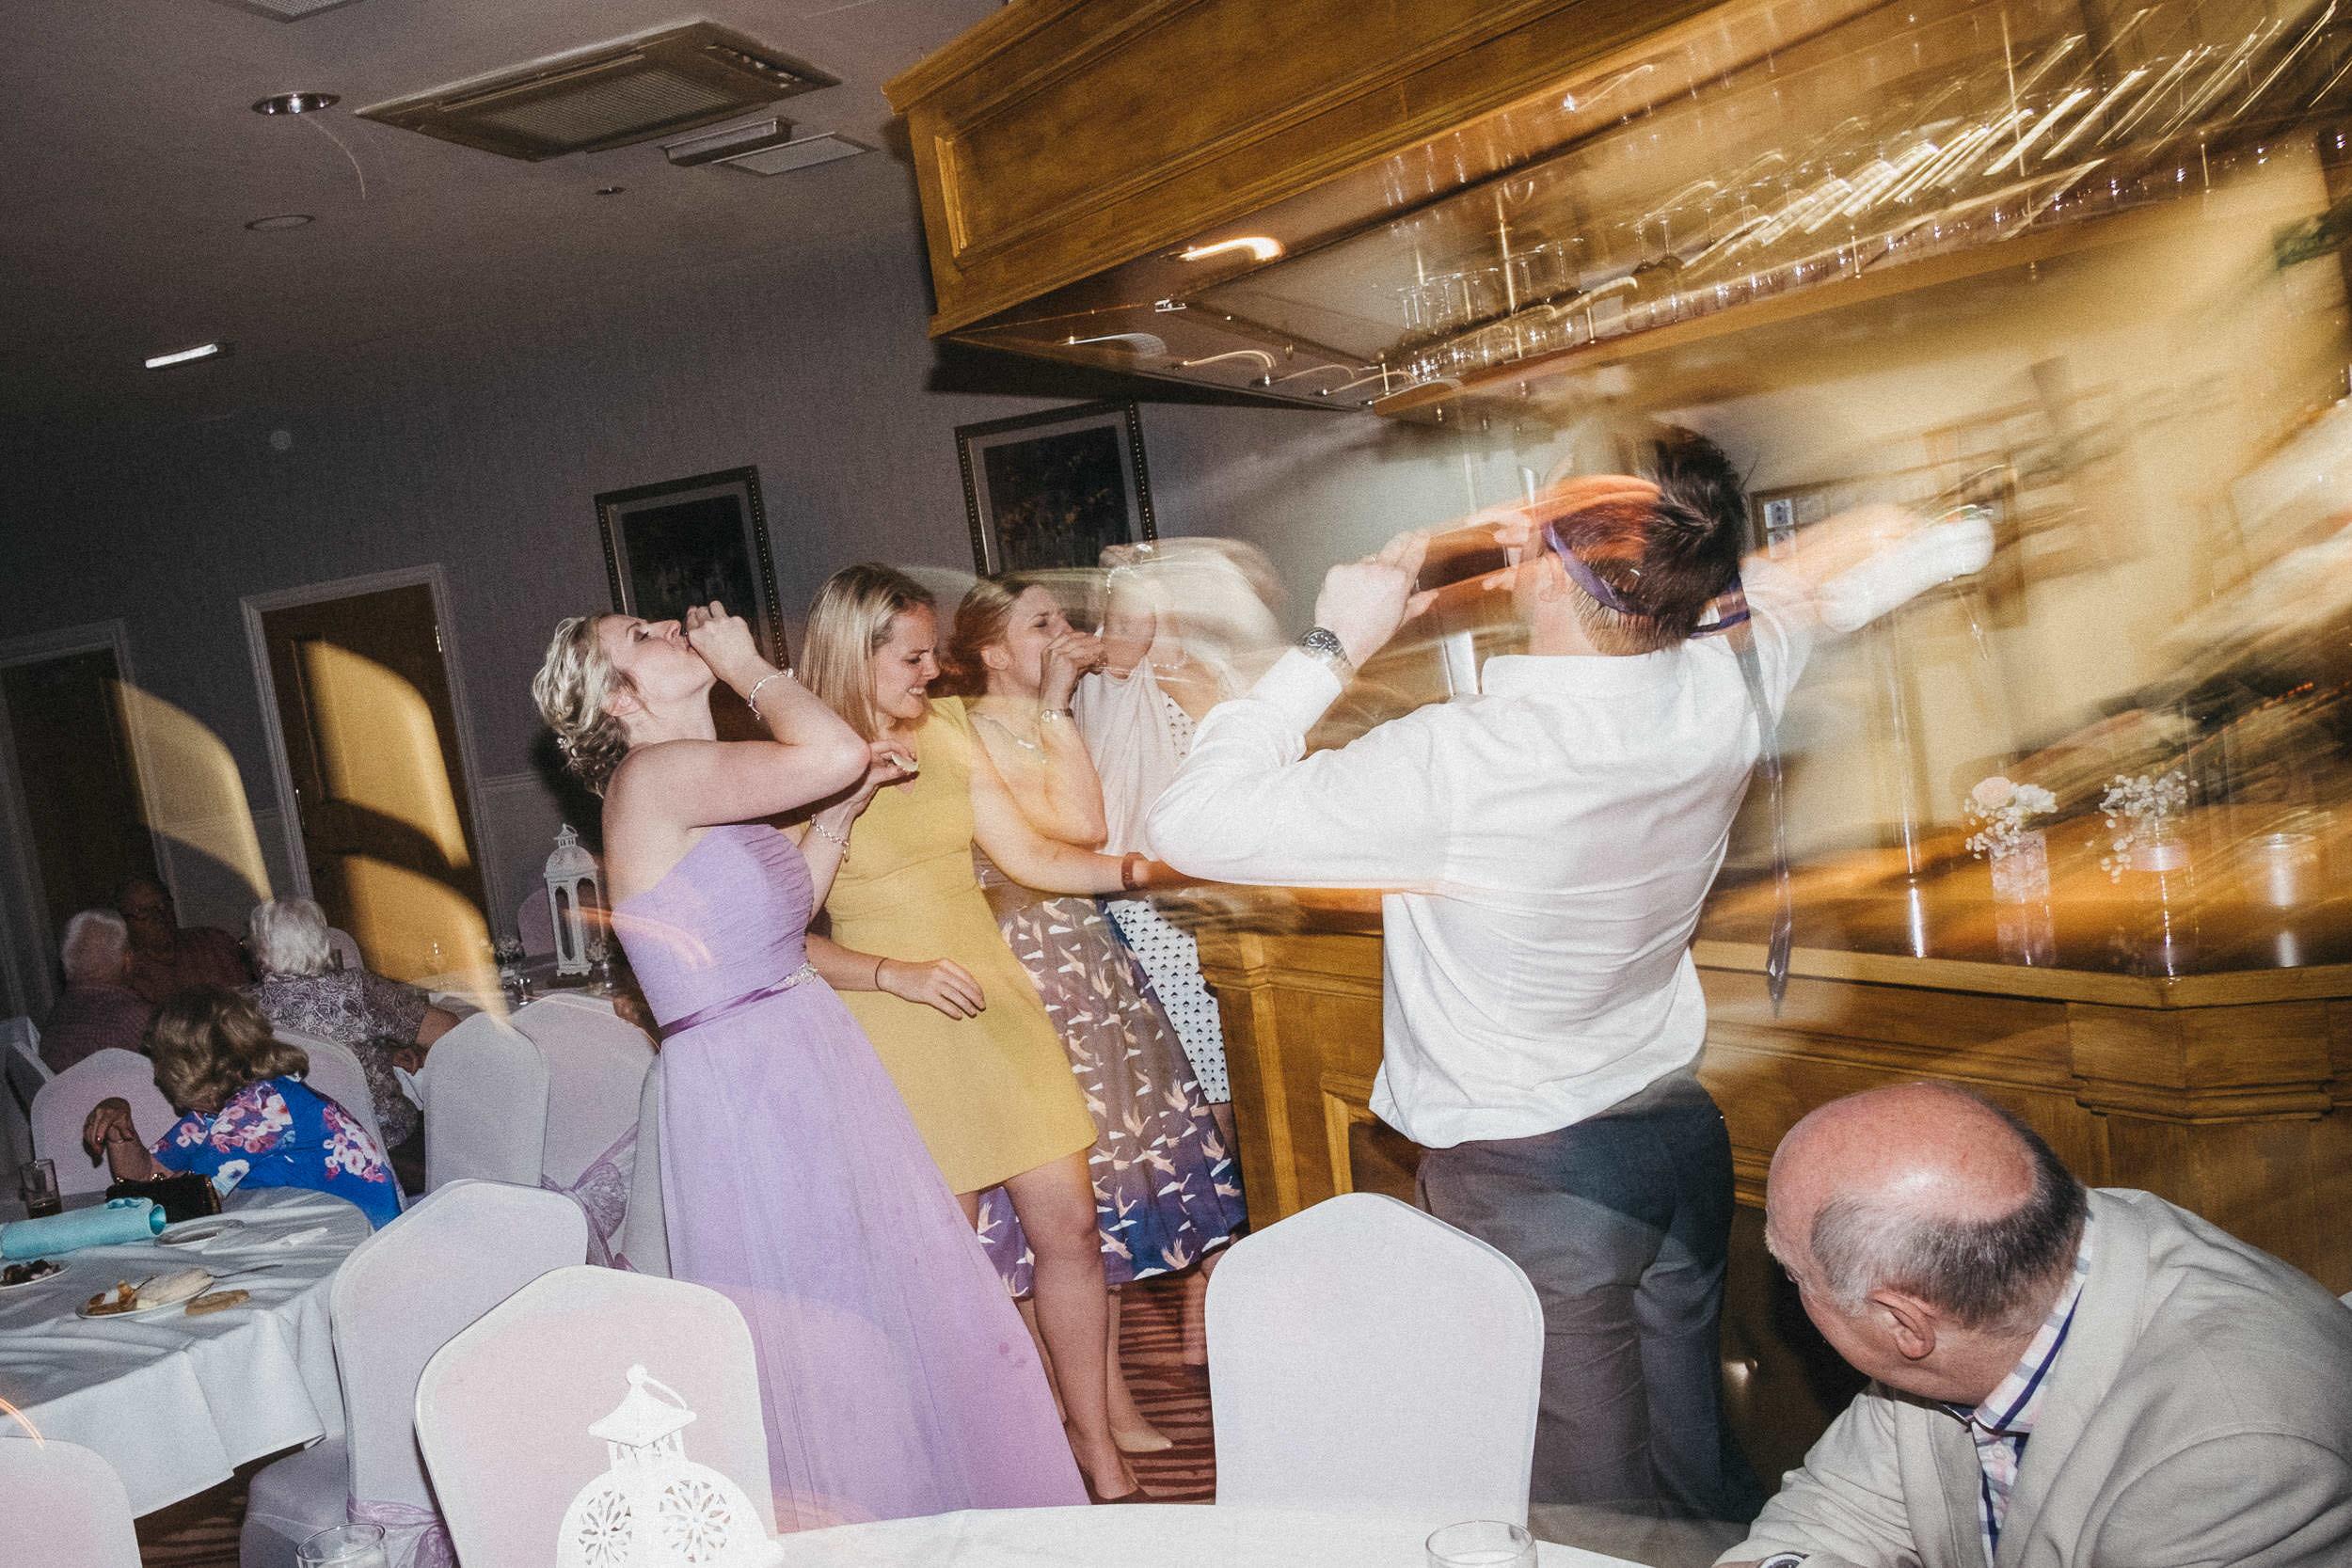 Blurry photo f bridesmaids doing shots at bar